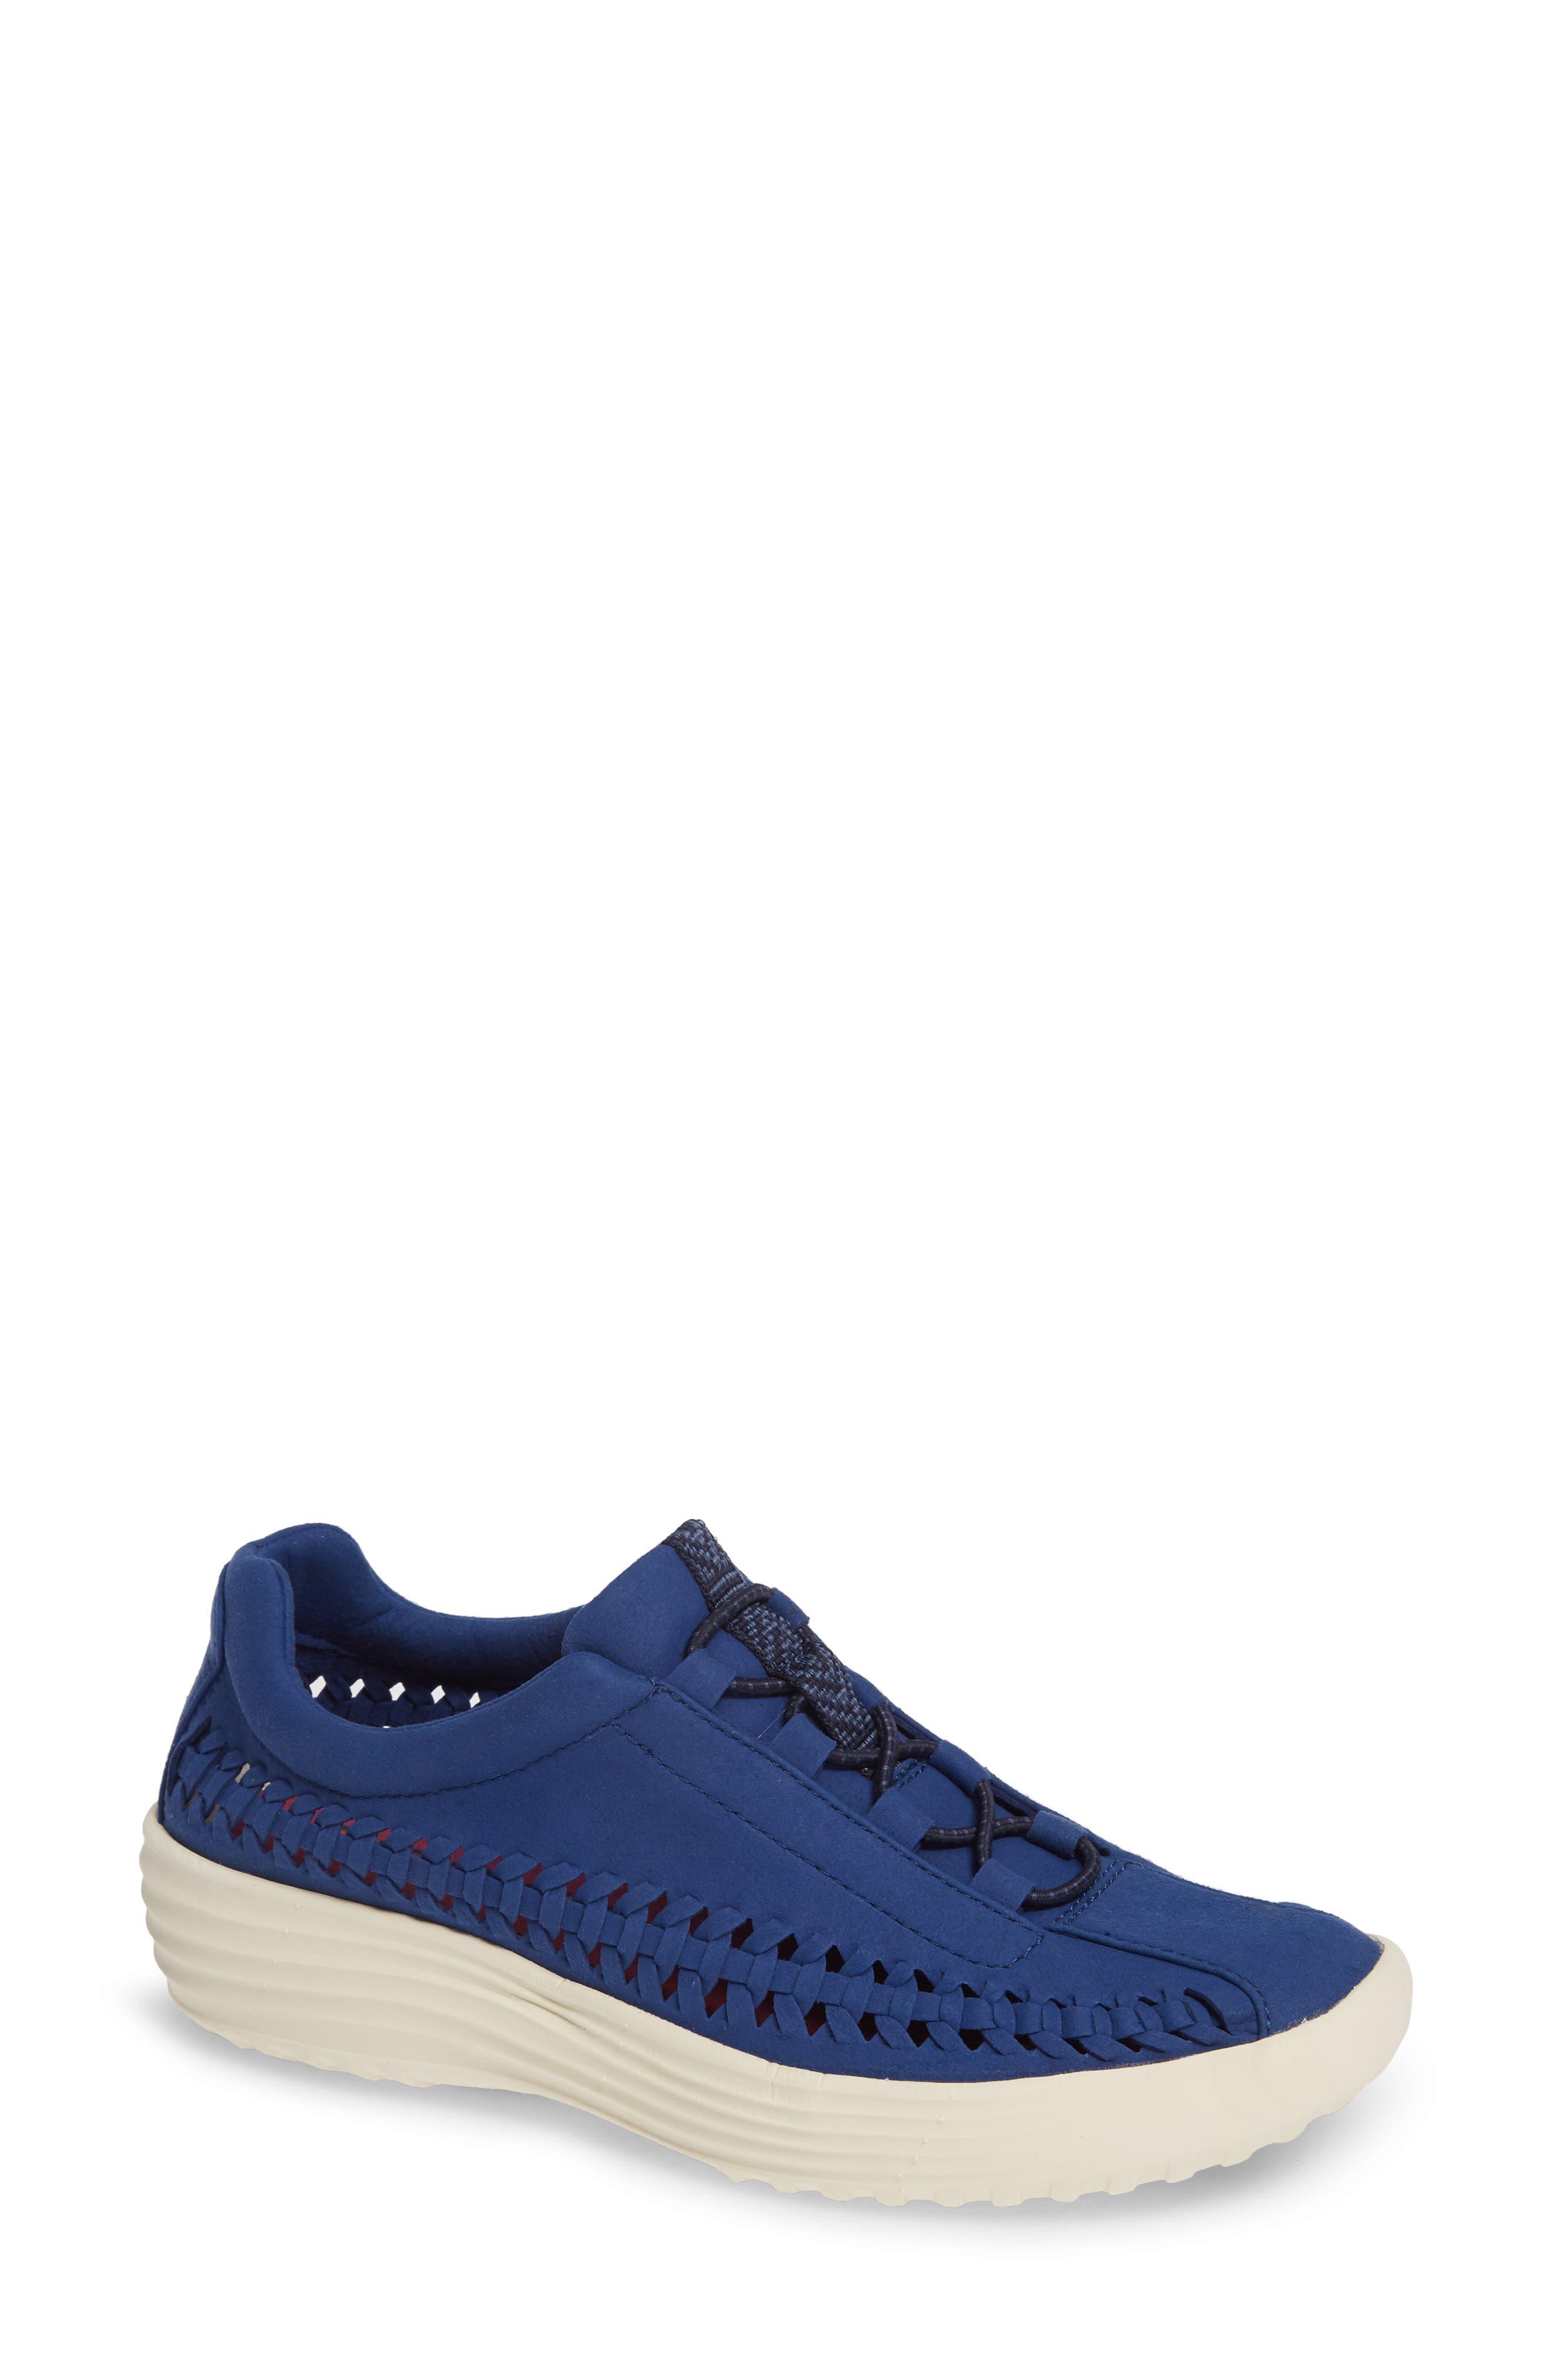 Bionica Marea Slip-On Sneaker- Blue